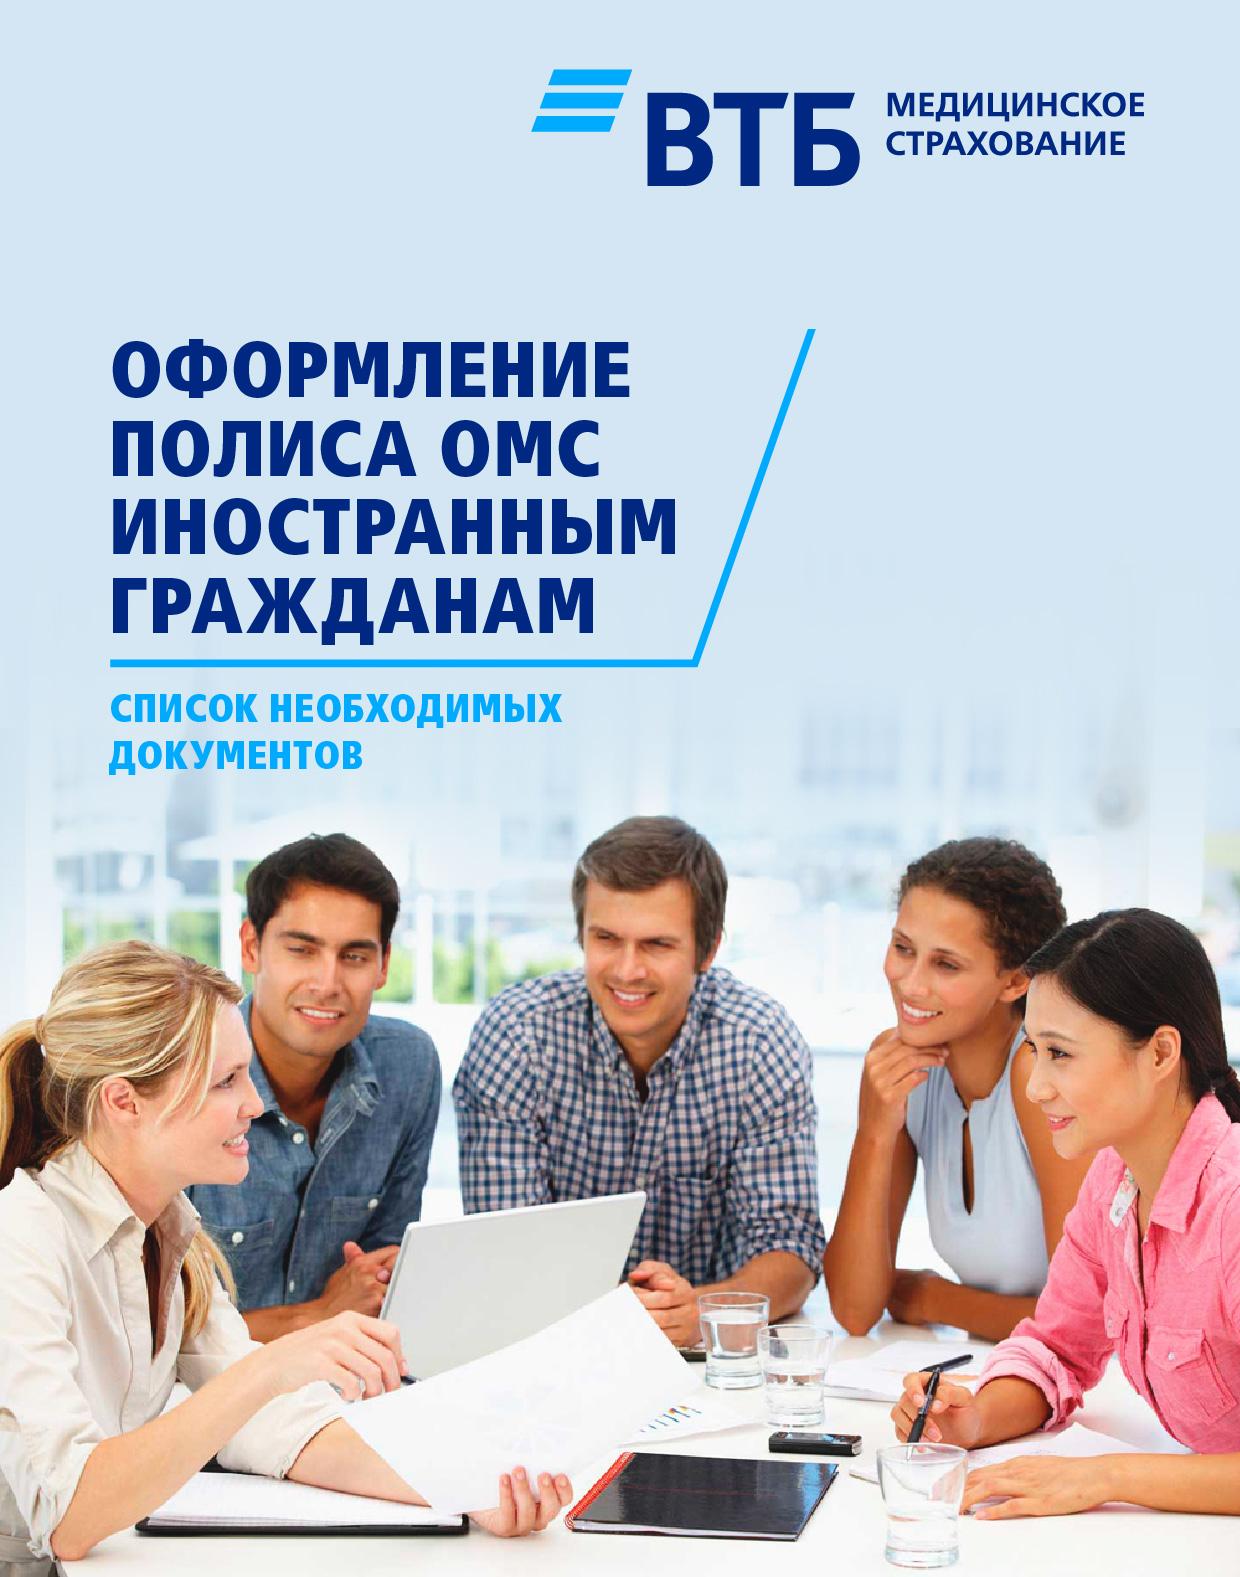 ВТБ Медицинское страхование напоминает о списке документов для иностранцев